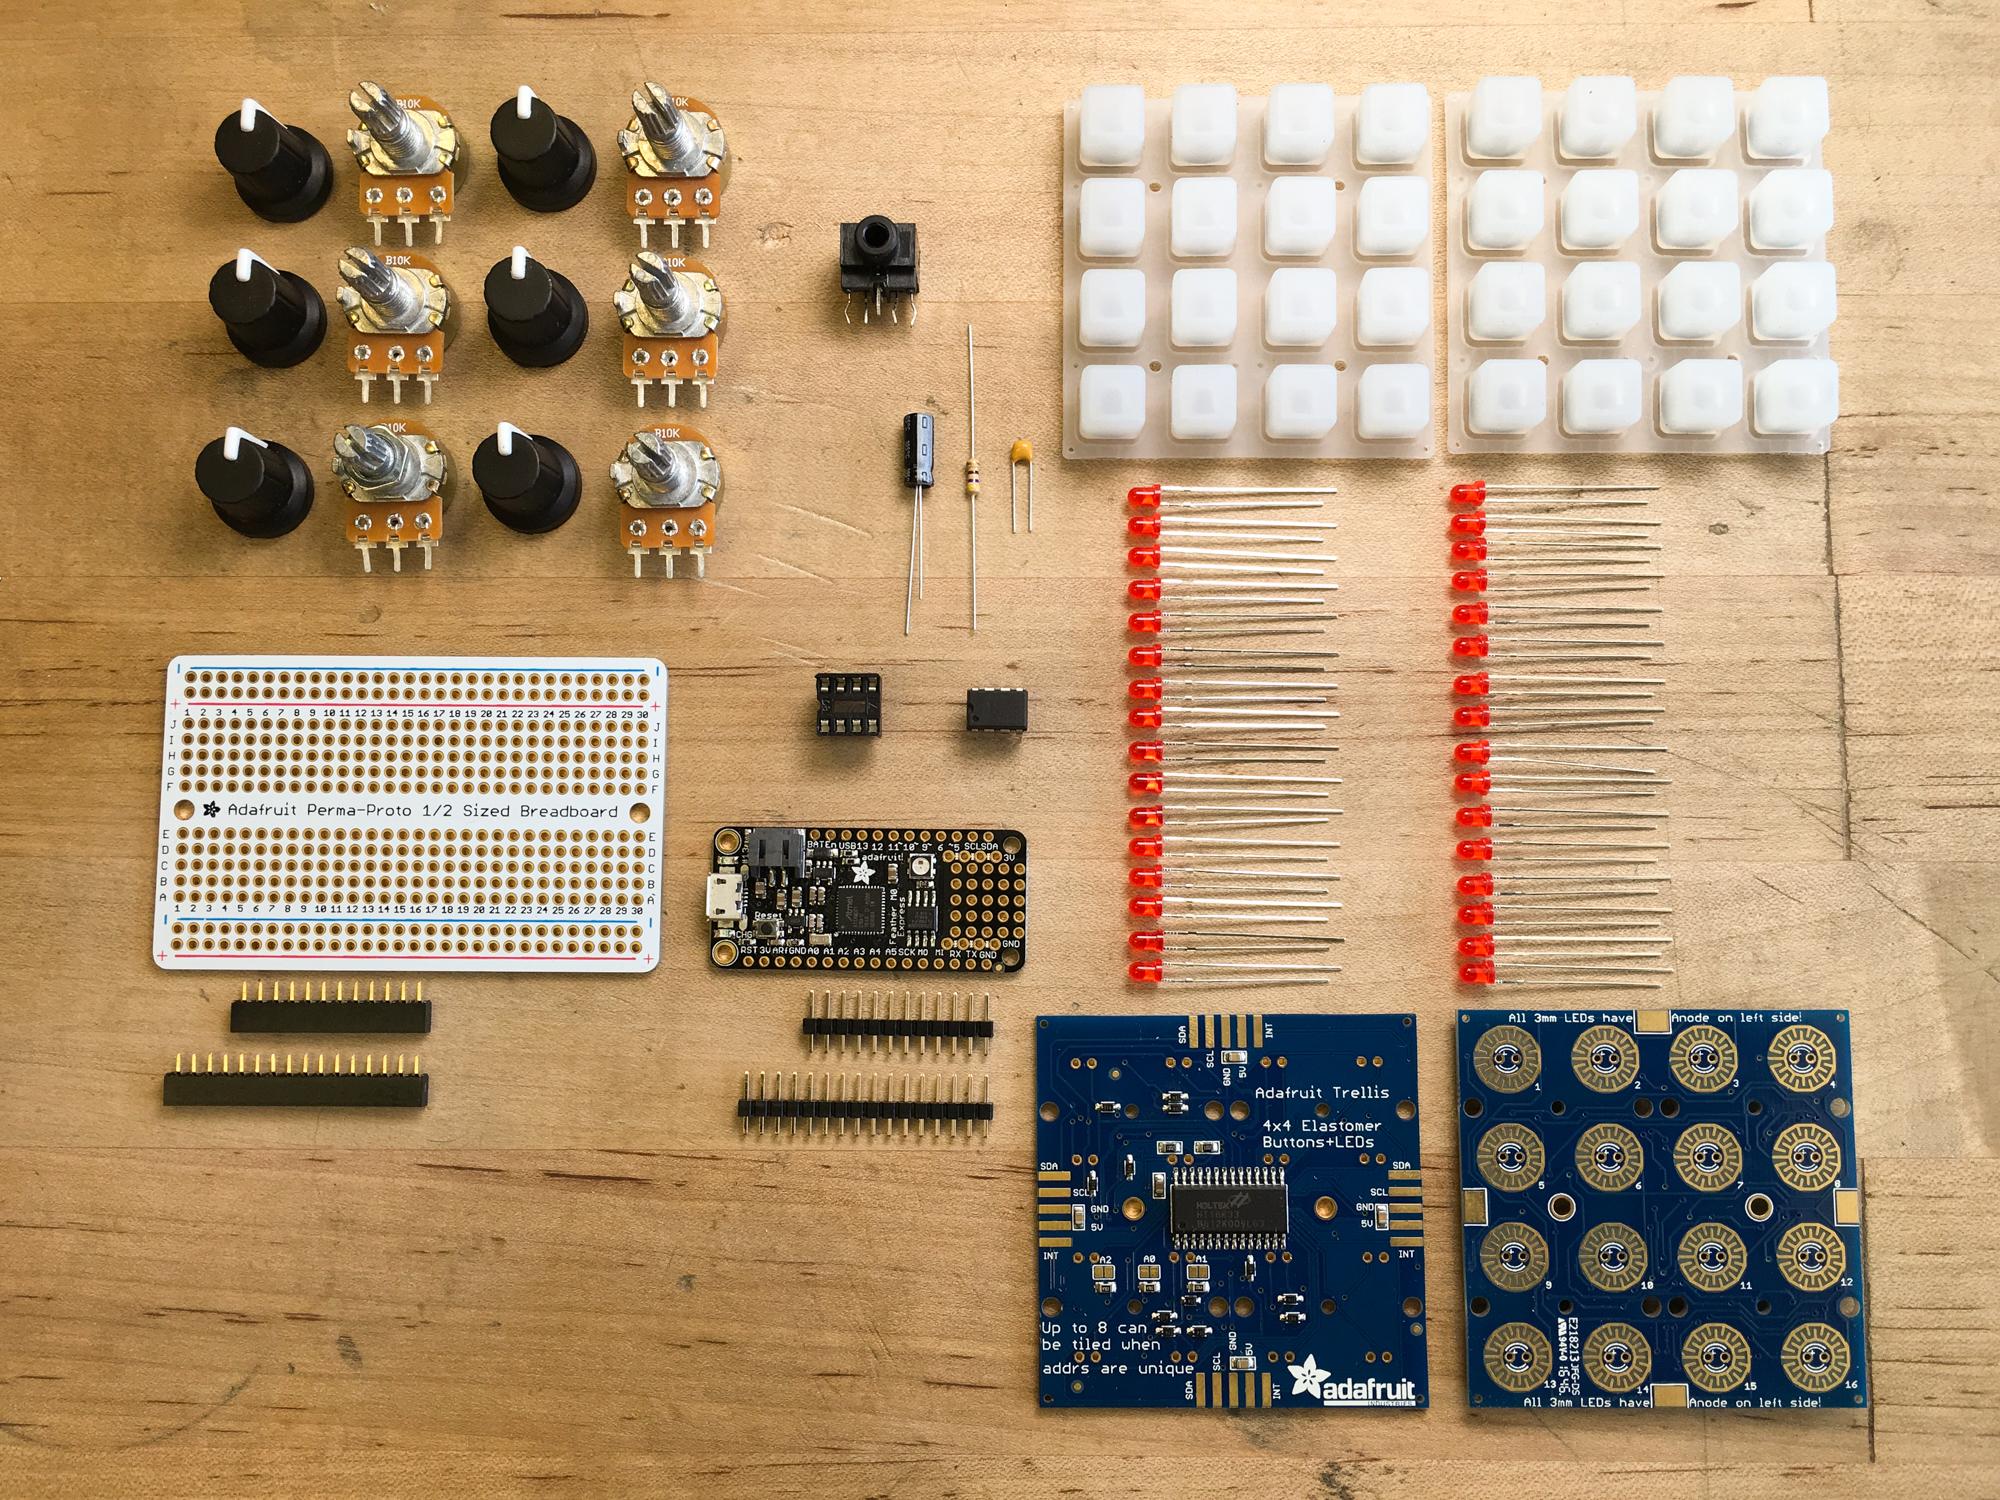 microcontrollers_IMG_1732_2k.jpg